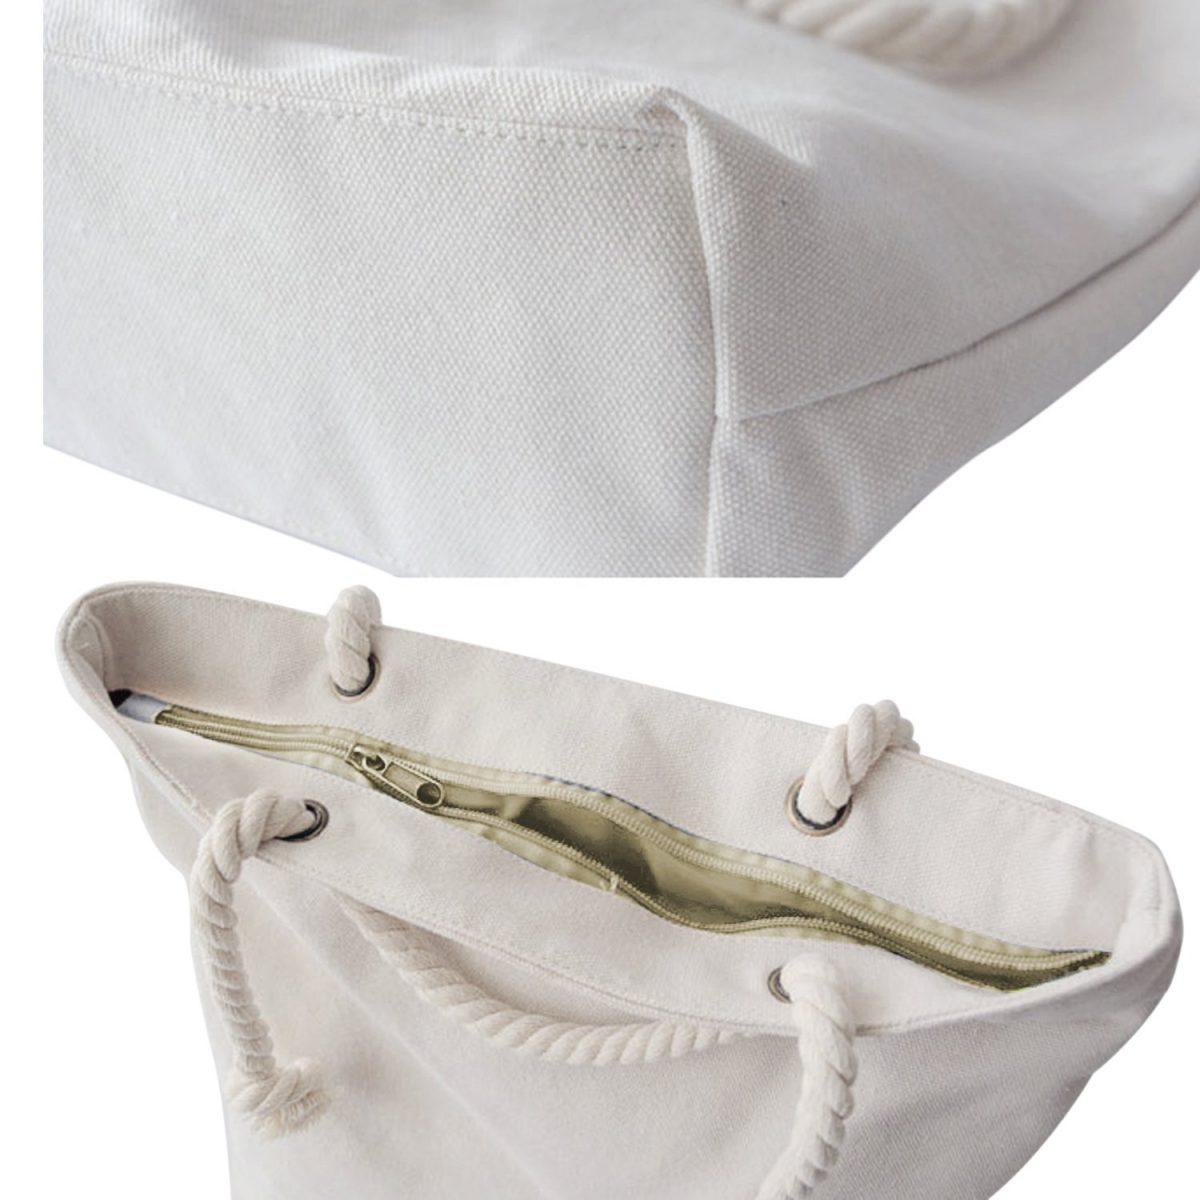 Hava Durumu Temalı Bal Peteği Motifli Dijital Baskılı Fermuarlı Kumaş Çanta Realhomes